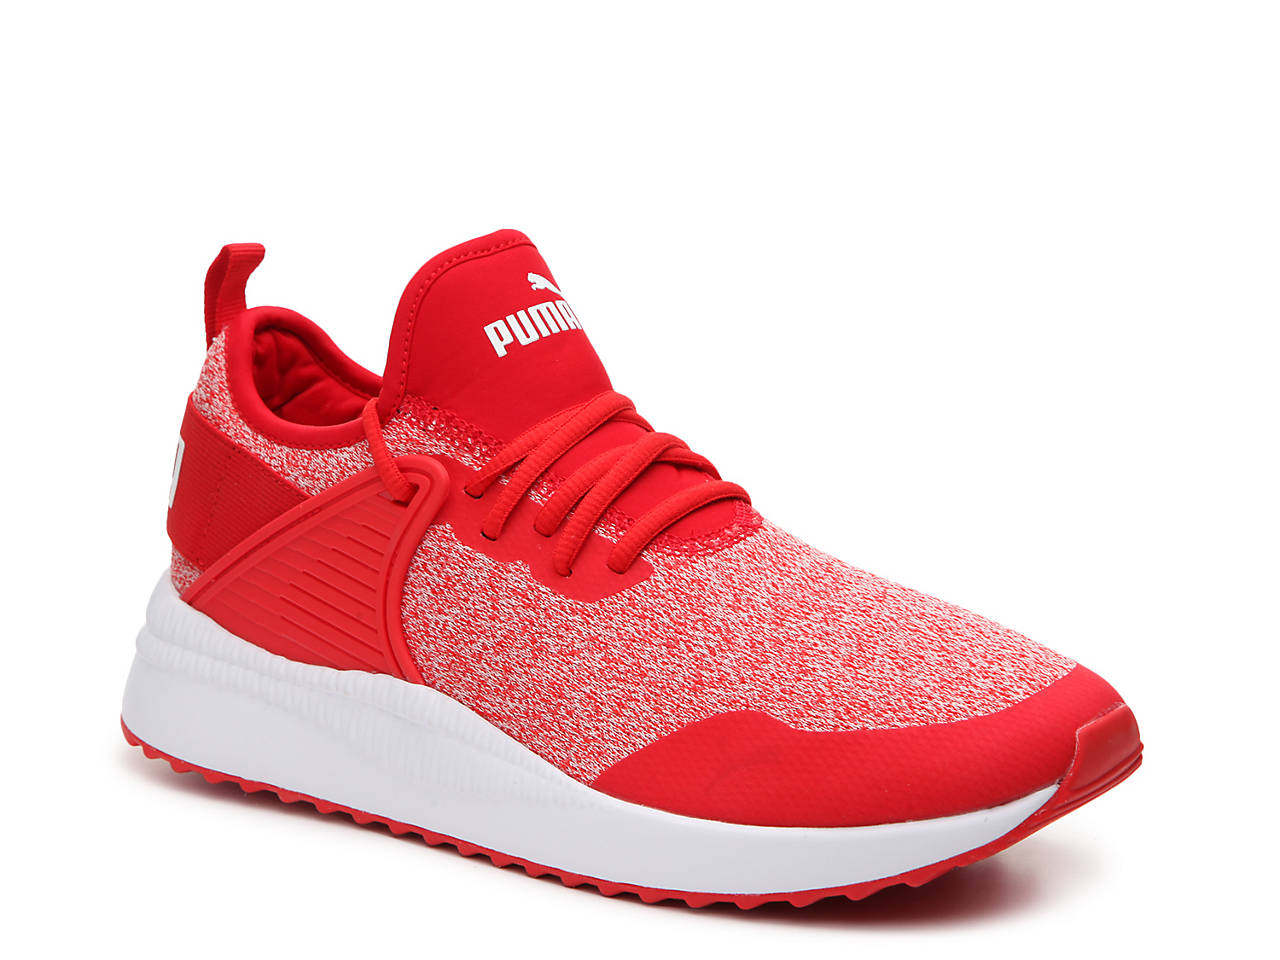 5be7fc28c7c Puma Pacer Next Cage Sneaker - Men s Men s Shoes